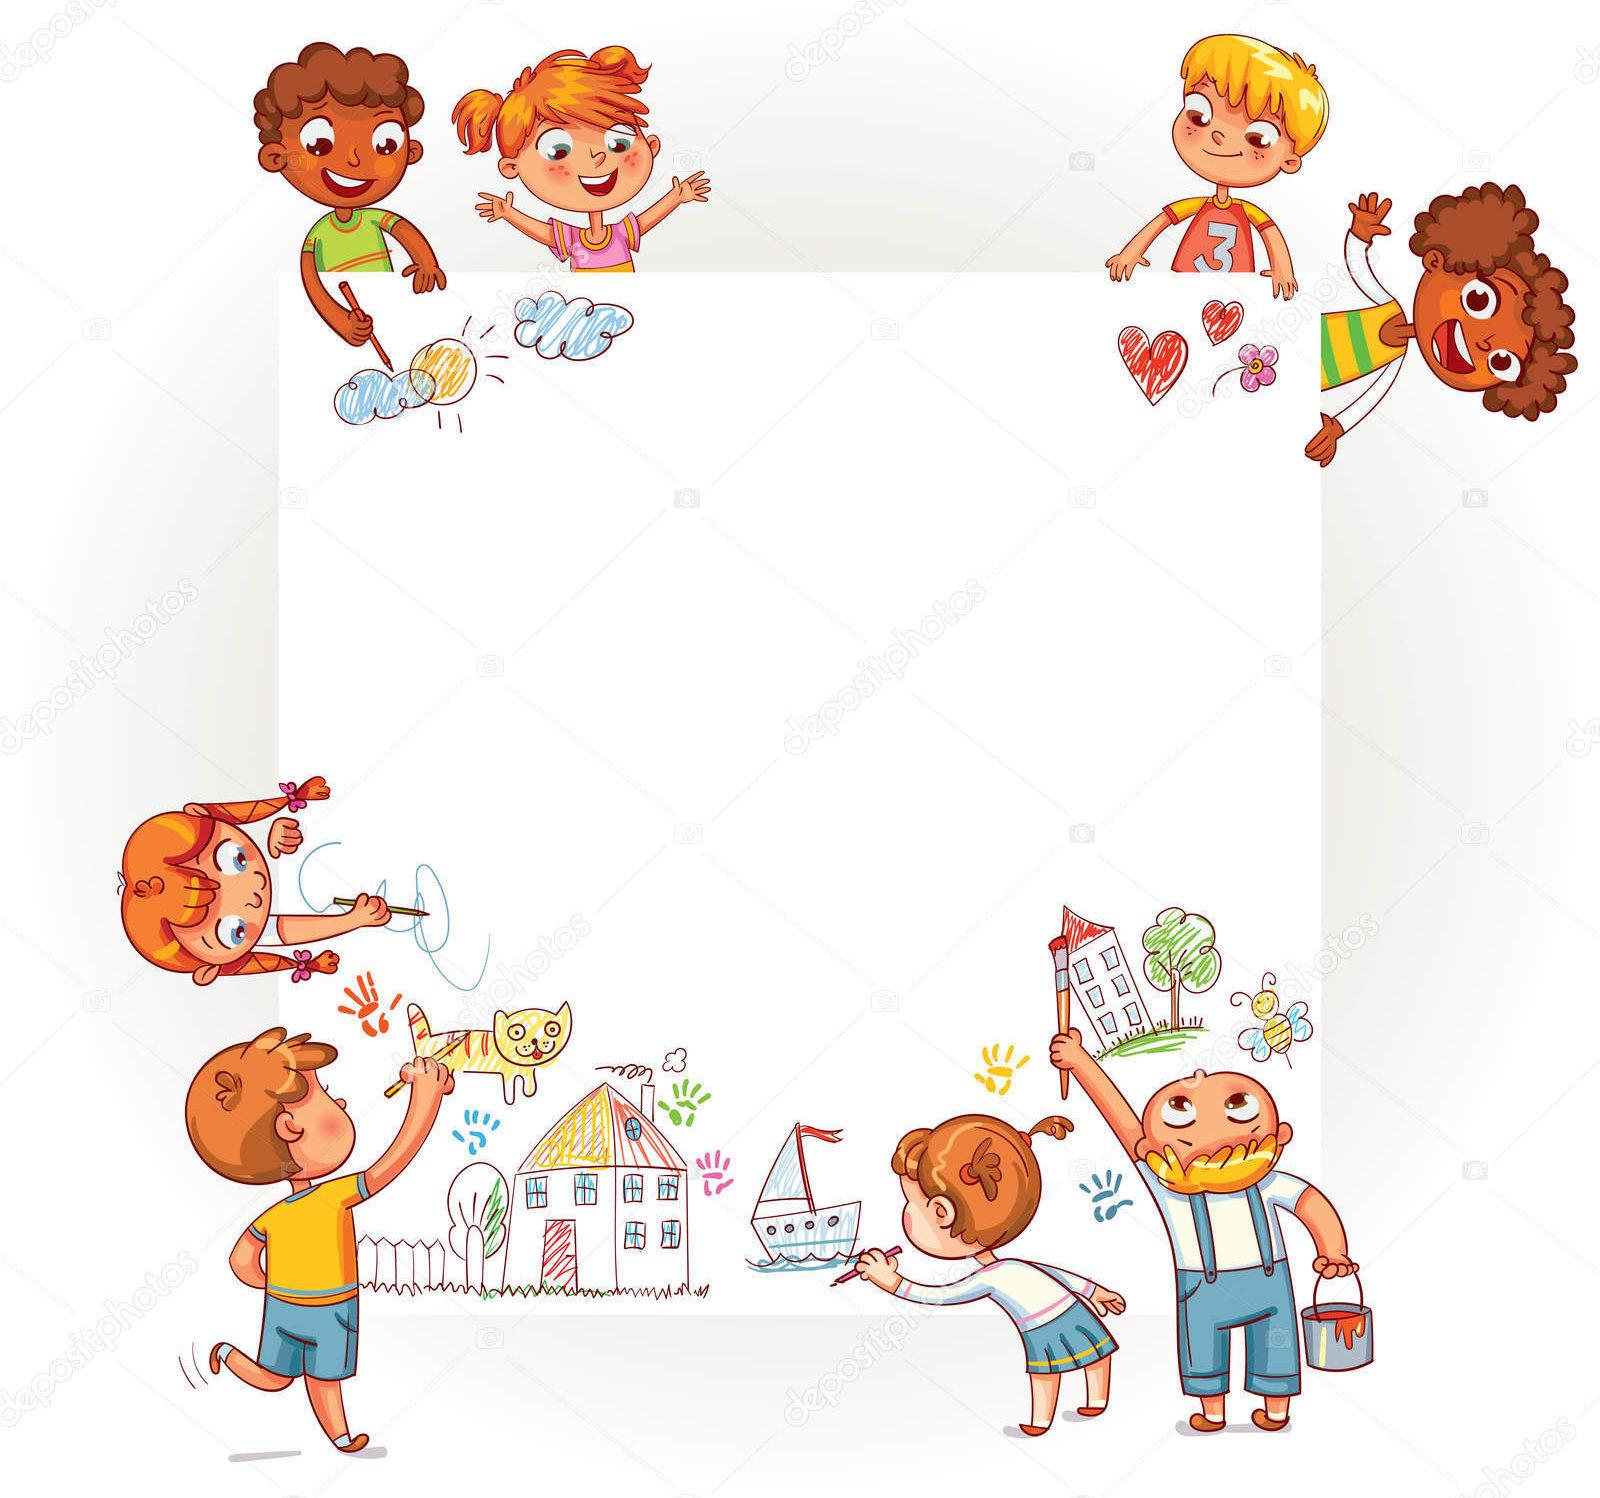 Disegno Bambini Che Parlano.Sul Grande Disegno I Bambini Ci Parlano